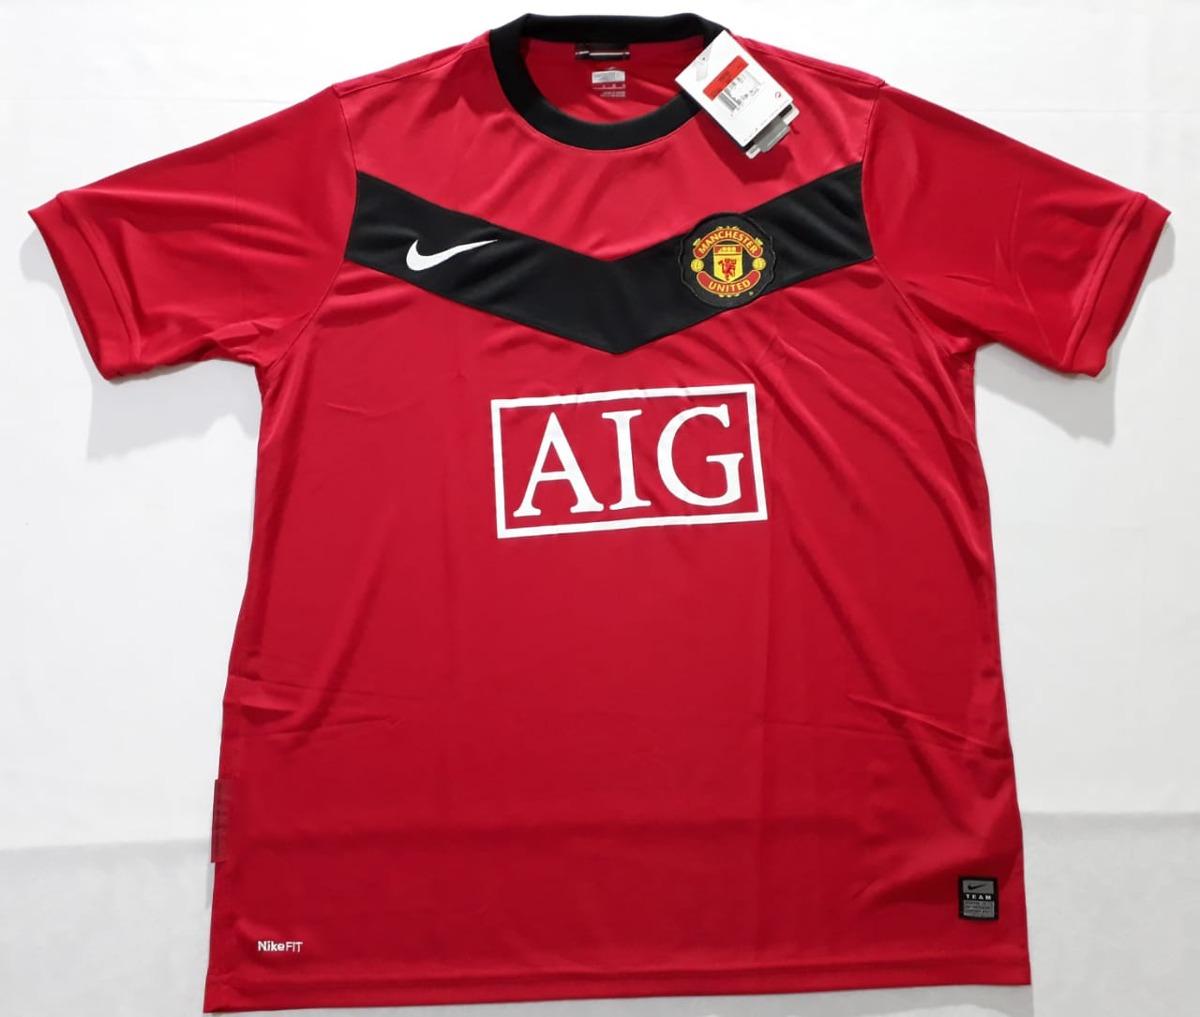 9fc95580d3 Carregando zoom... camisa manchester united home nike temporada 09 10